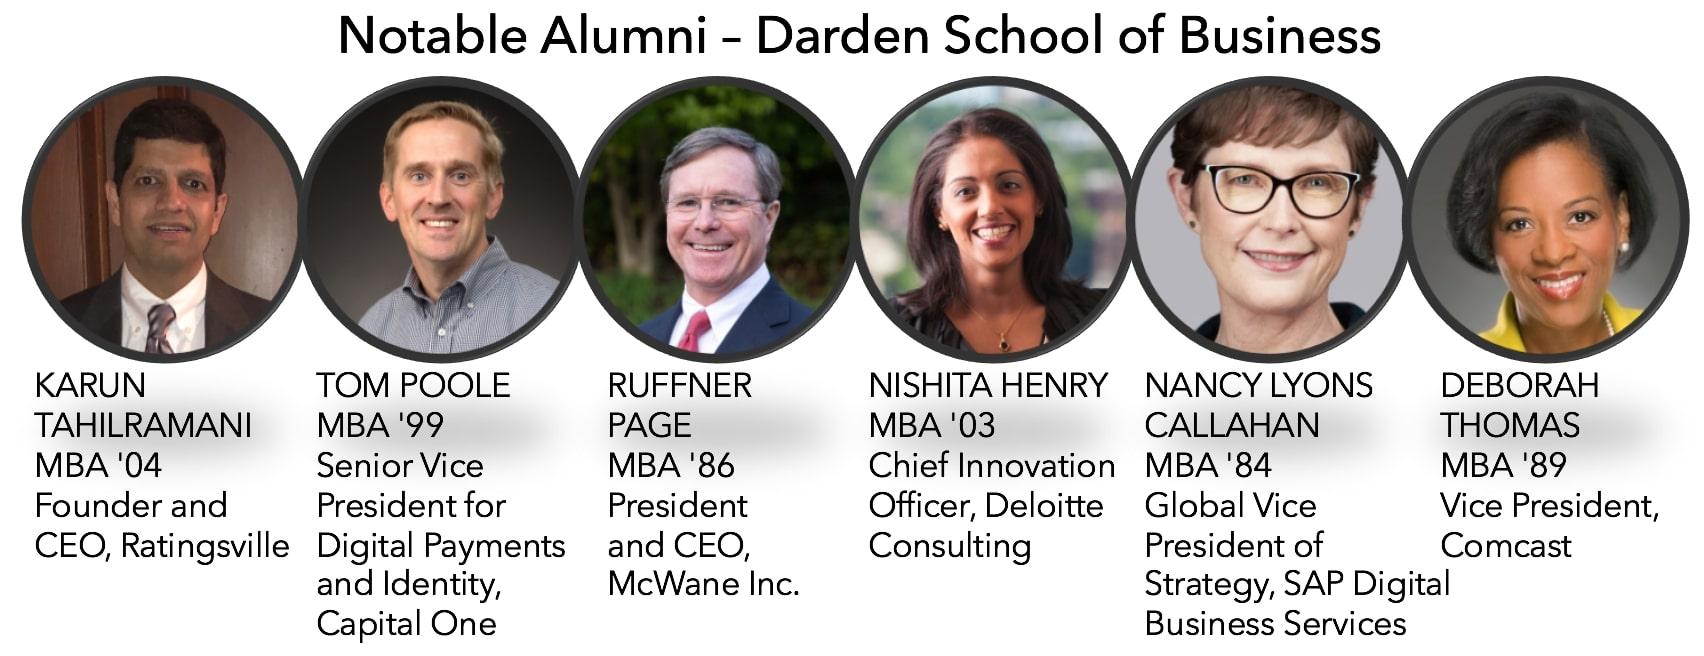 Darden School of business notable alumni